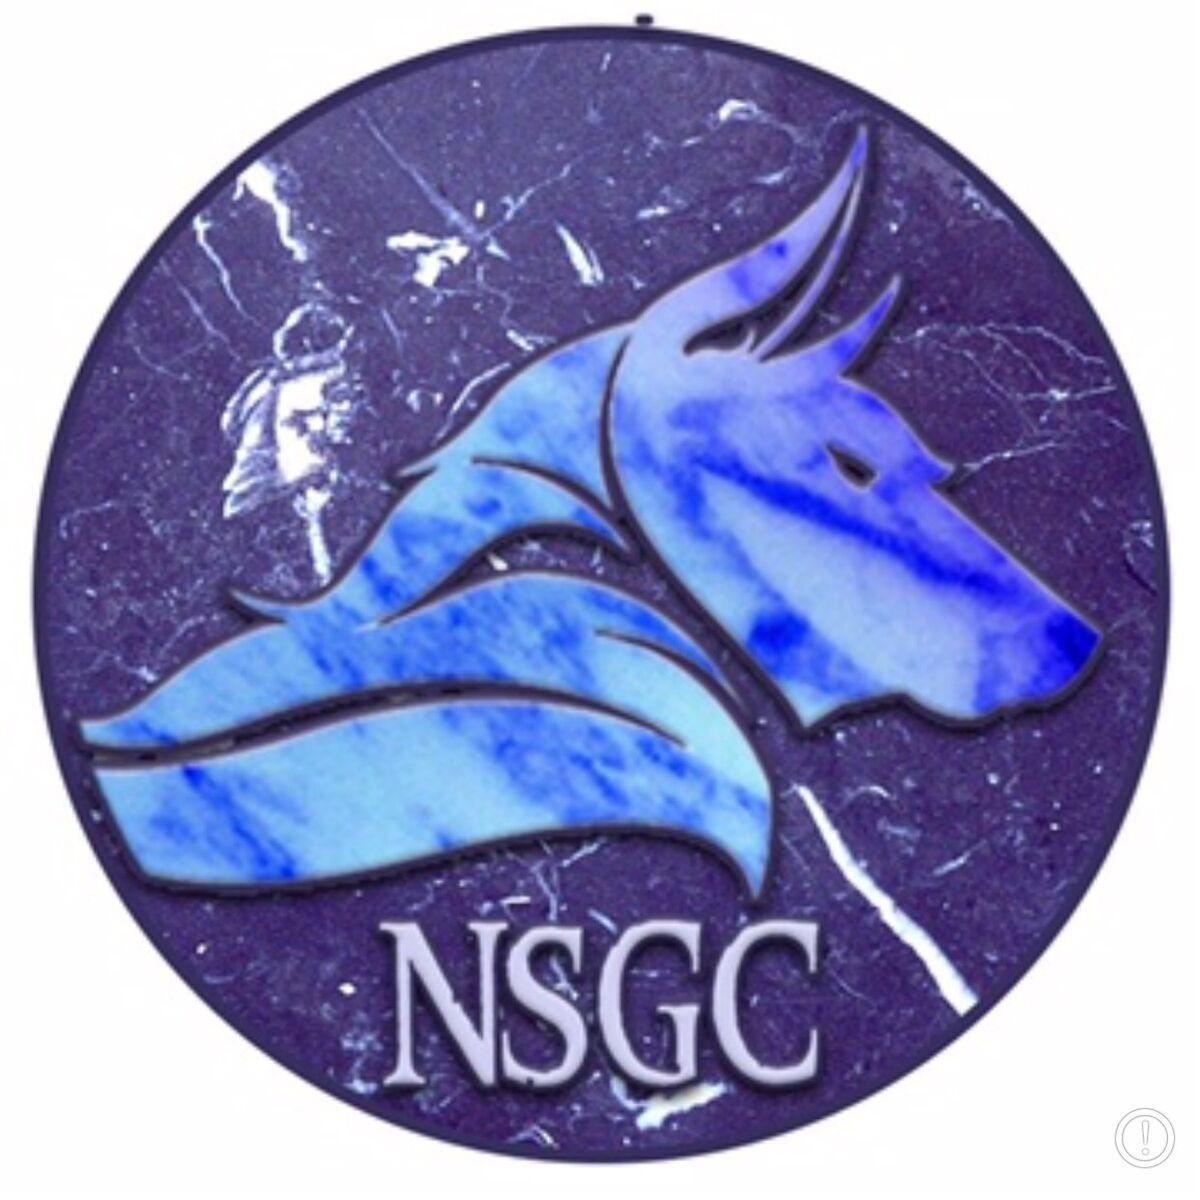 nsgcgaming